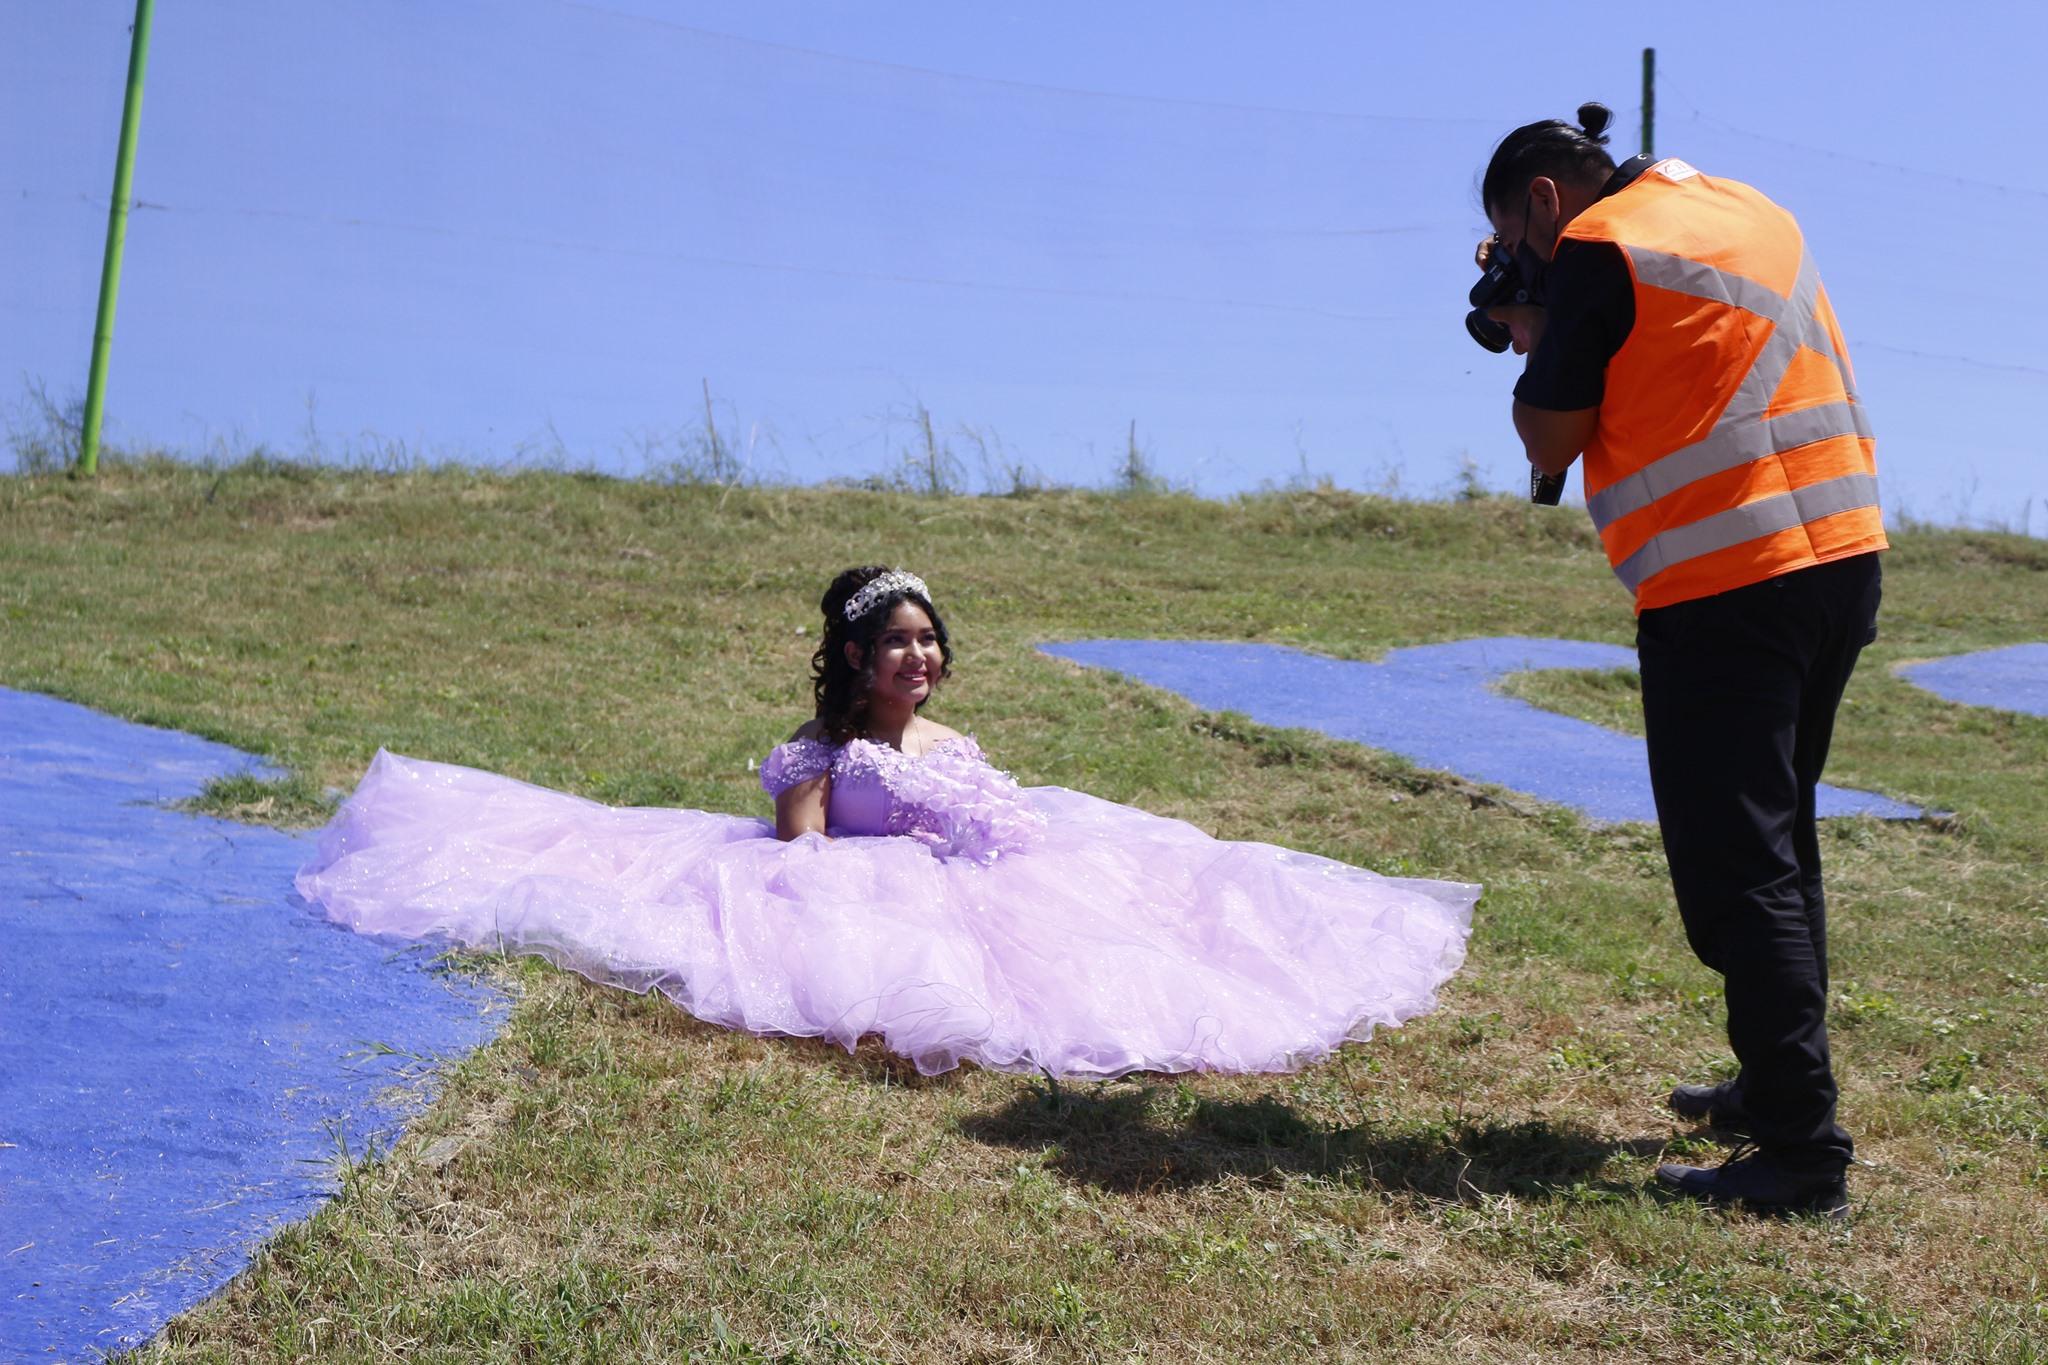 Con orgullo: Quinceañera realiza sesión de fotos en basurero donde trabaja su papá